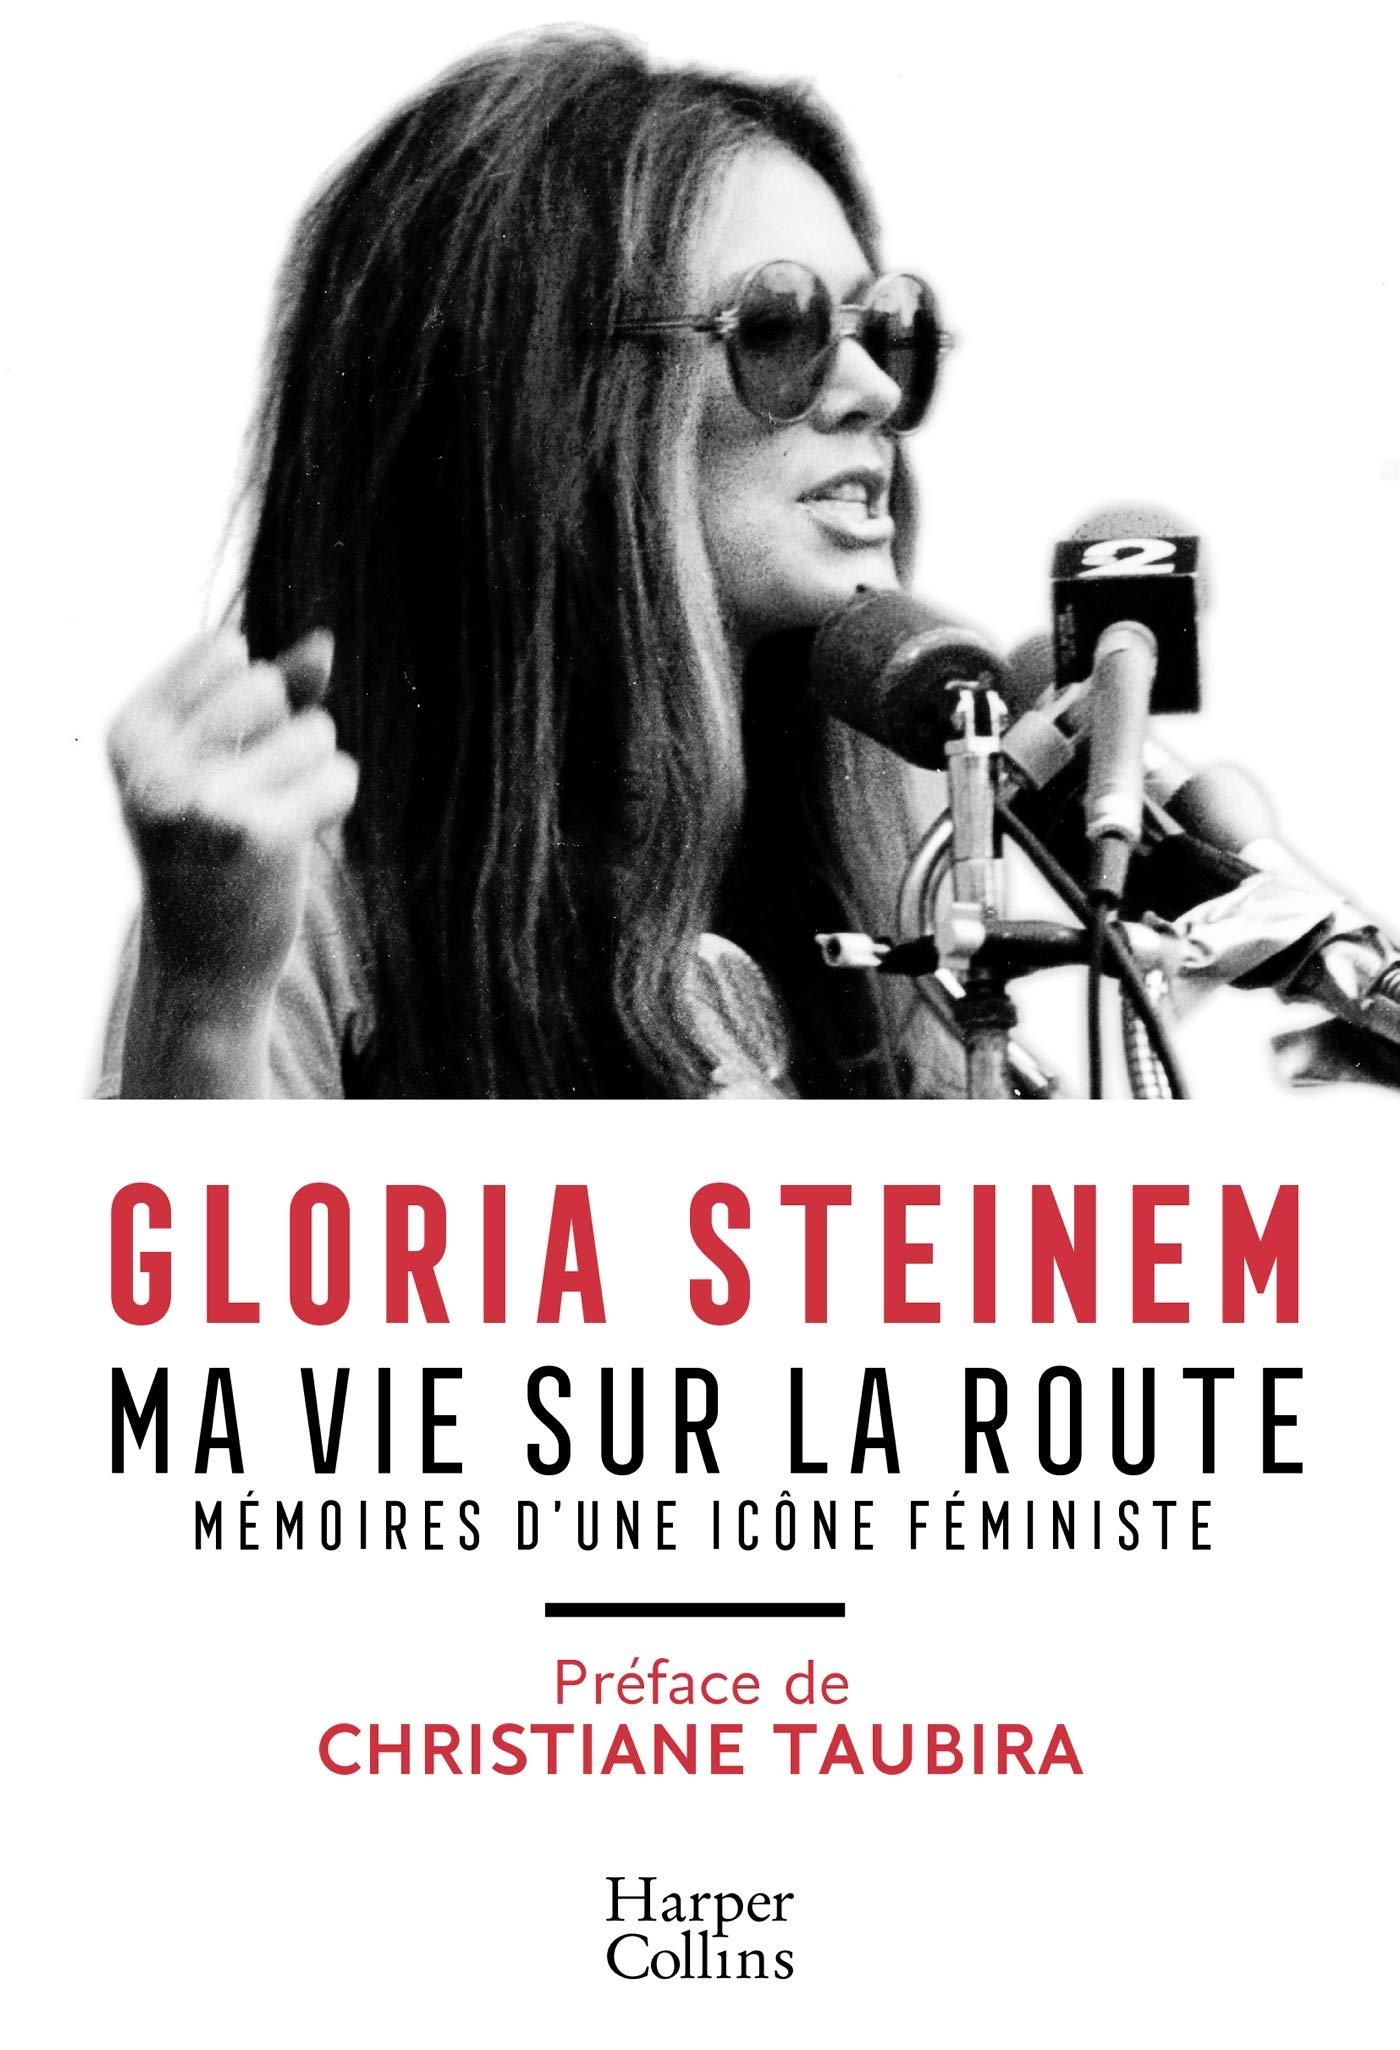 Ma vie sur la route: Mémoires d'une icône féministe por Gloria Steinem